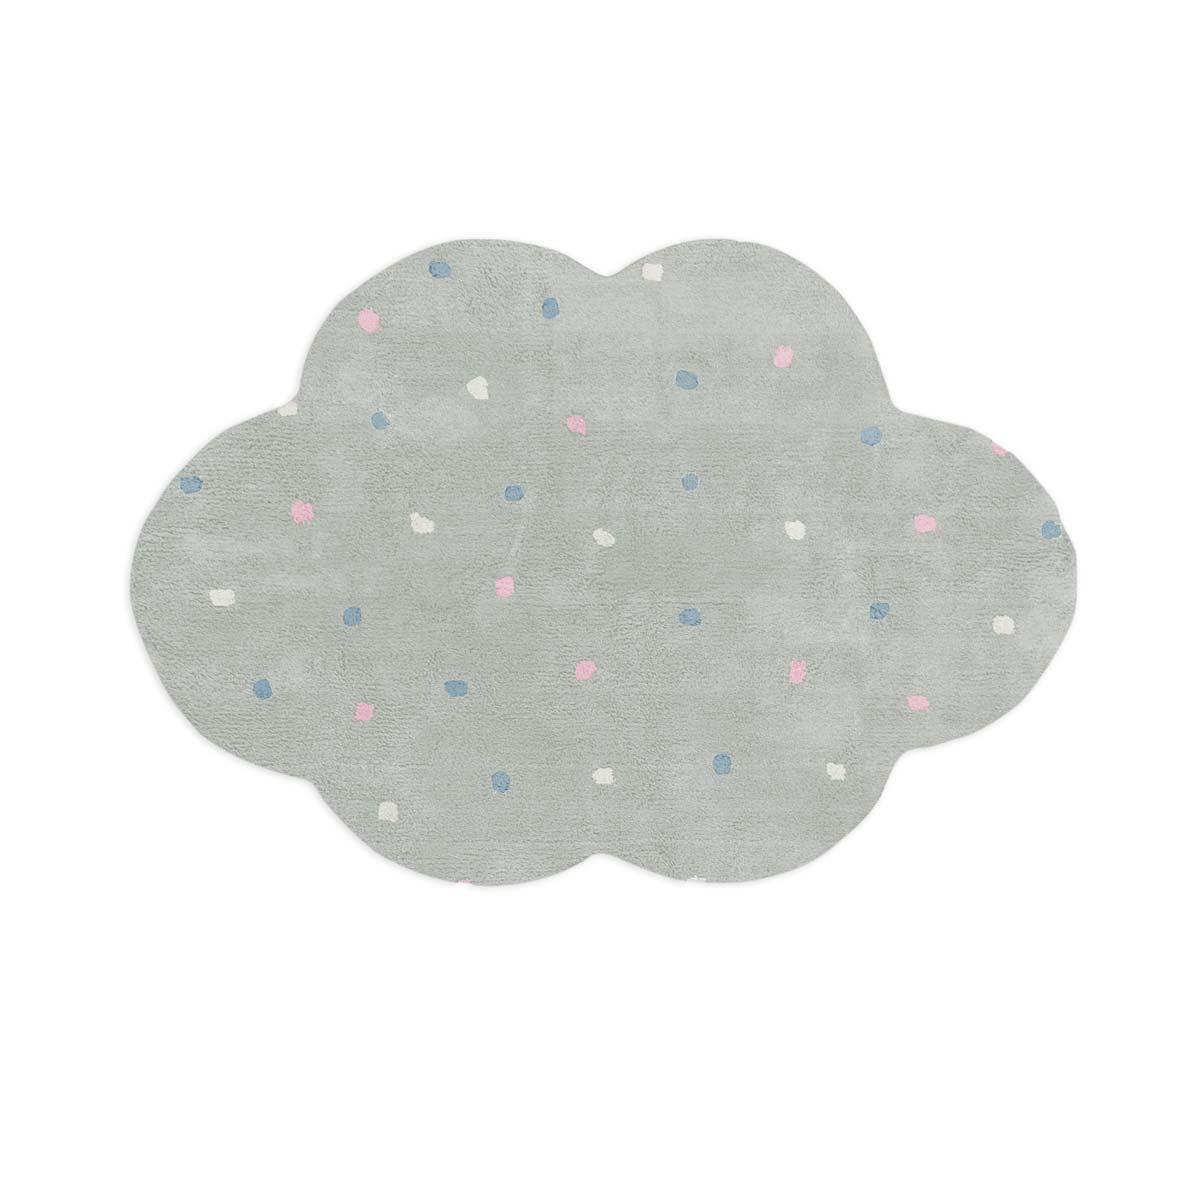 Tapete Floco Nuvem 120x160 Tecido Algodão Confete Cinza Claro